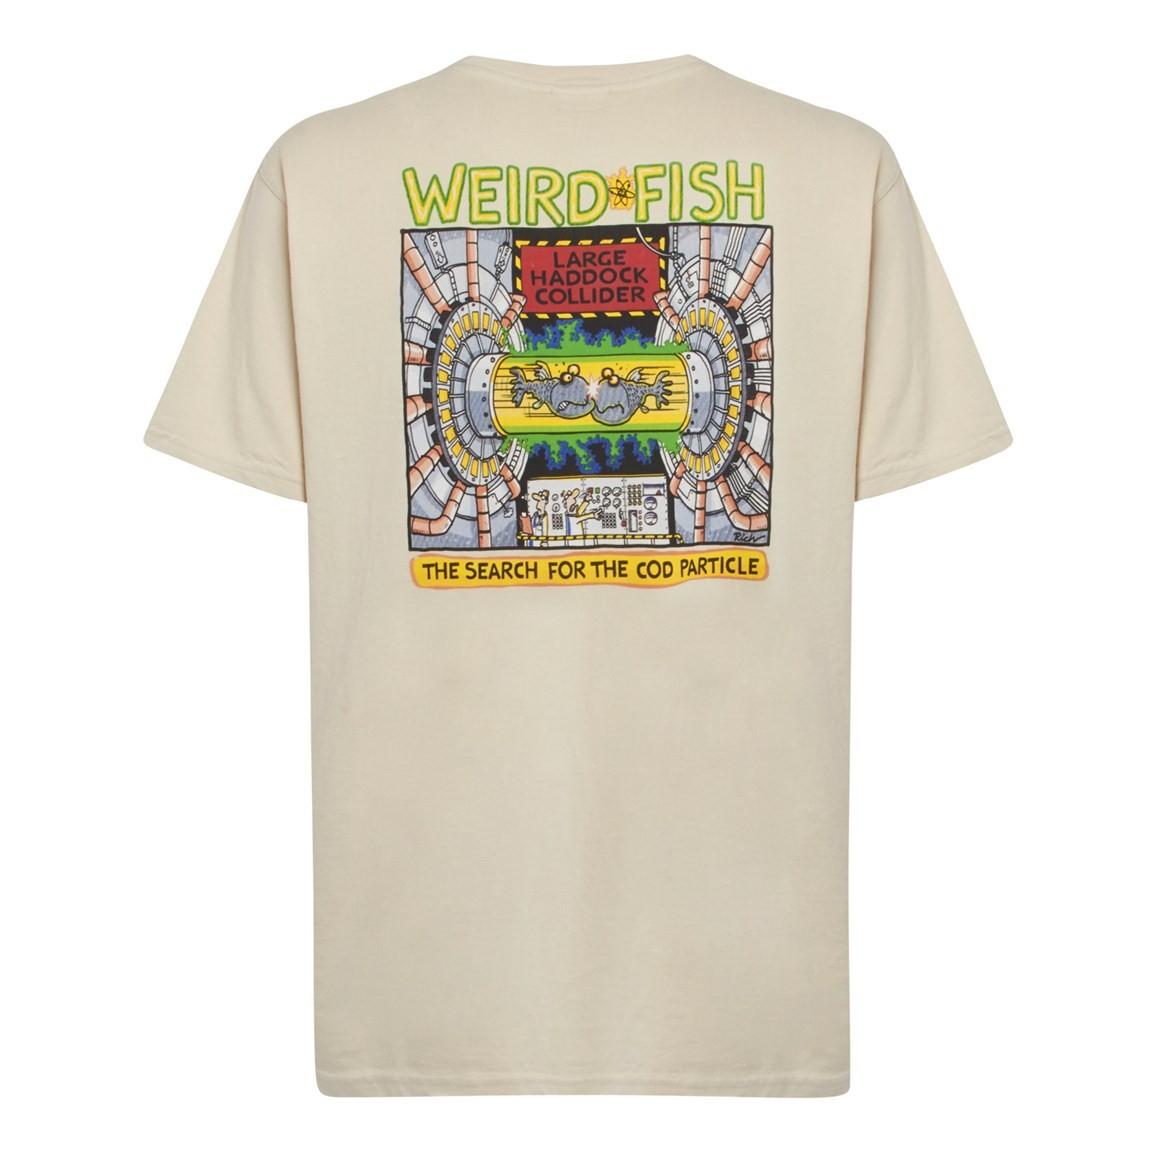 Weird Fish Haddock Collider Back Print Artist T-Shirt Oyster Size 2XL